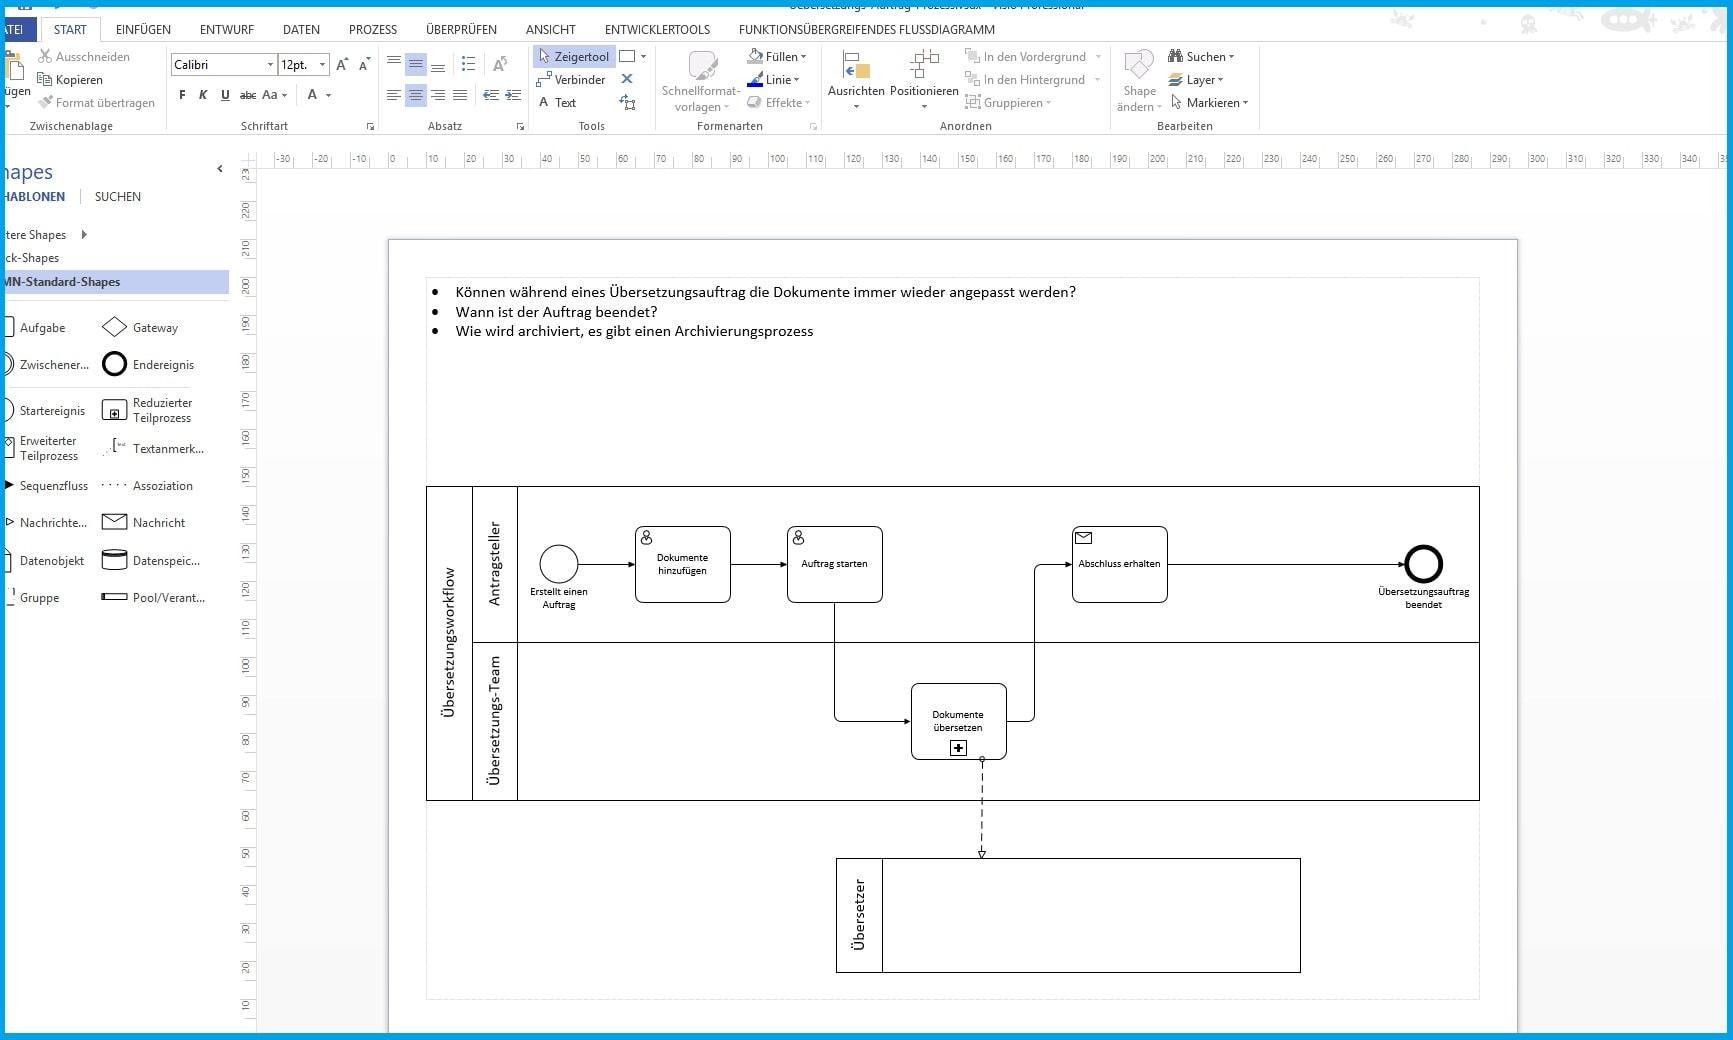 Bildschirmfoto eines Geschäftsprozesses - modeliert mit BPMN in Microsoft Visio